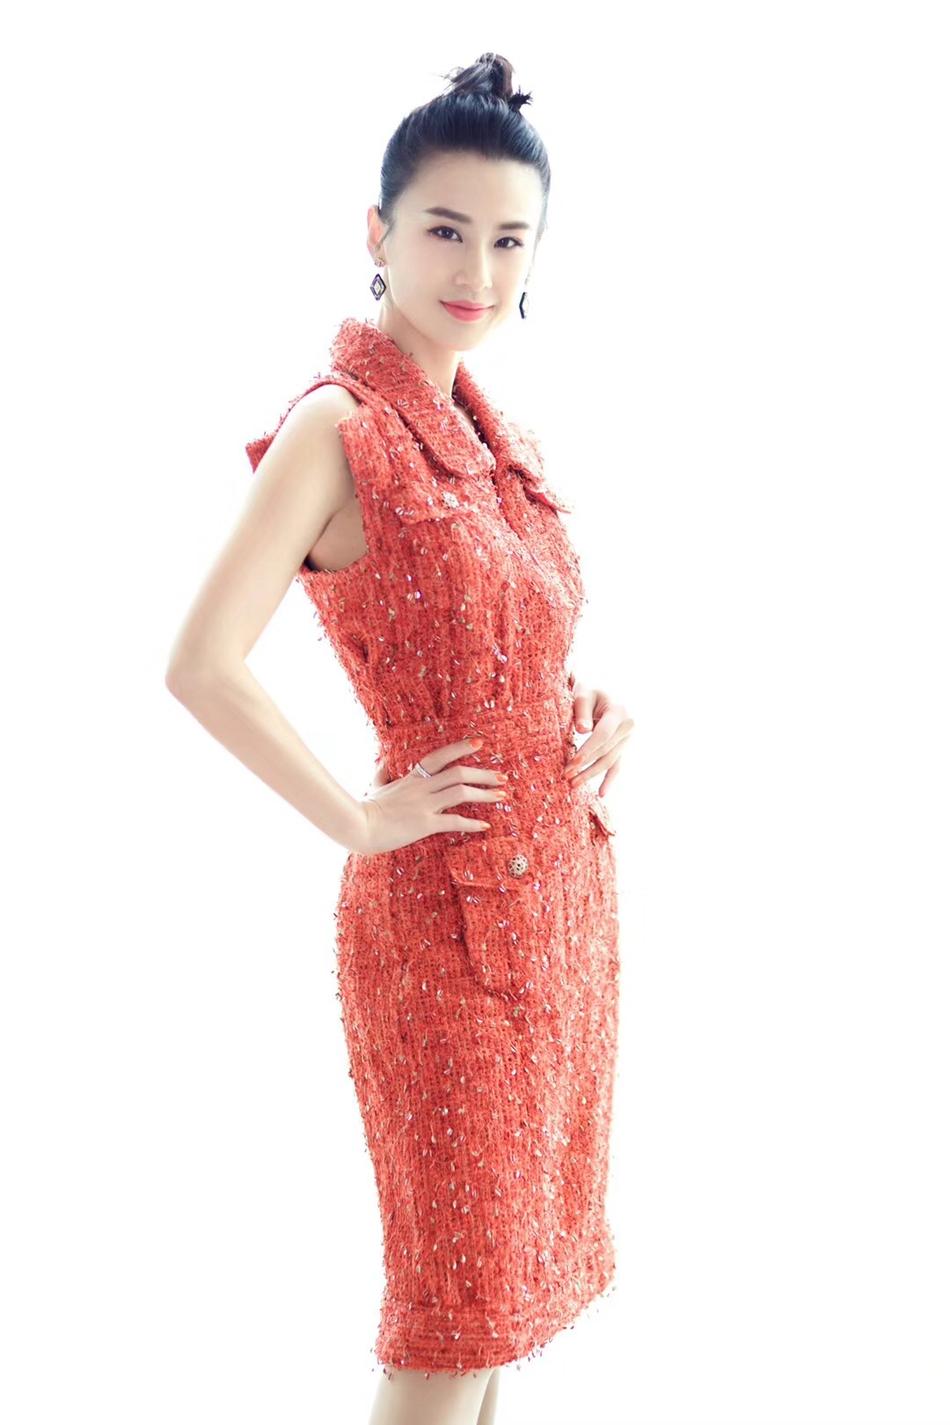 黄圣依时尚写真展招牌笑容 穿红色连衣裙小露香肩